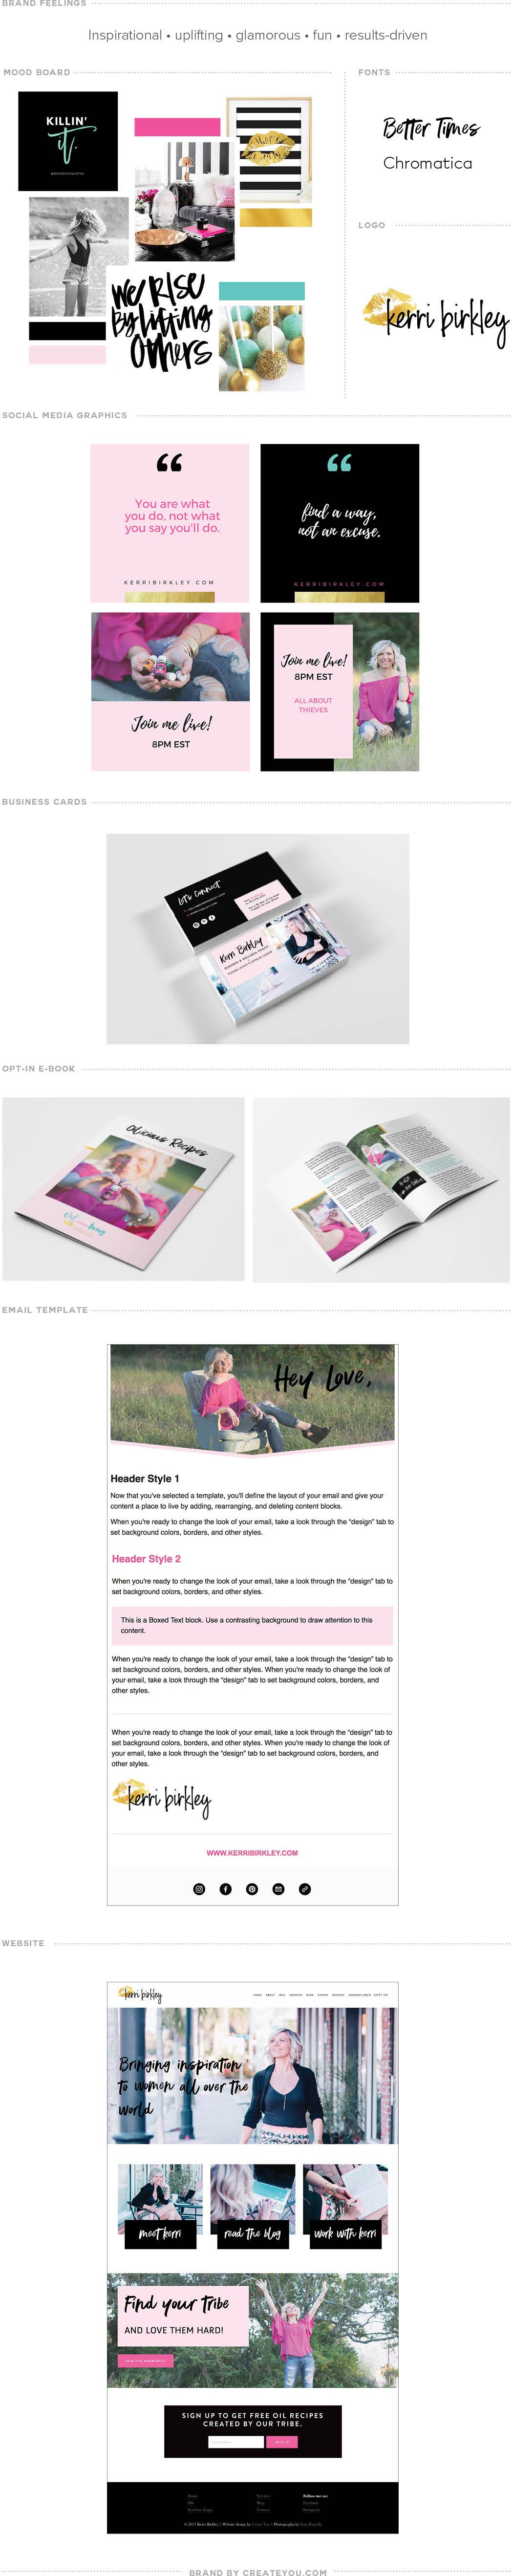 kerri_branding_graphic.jpg